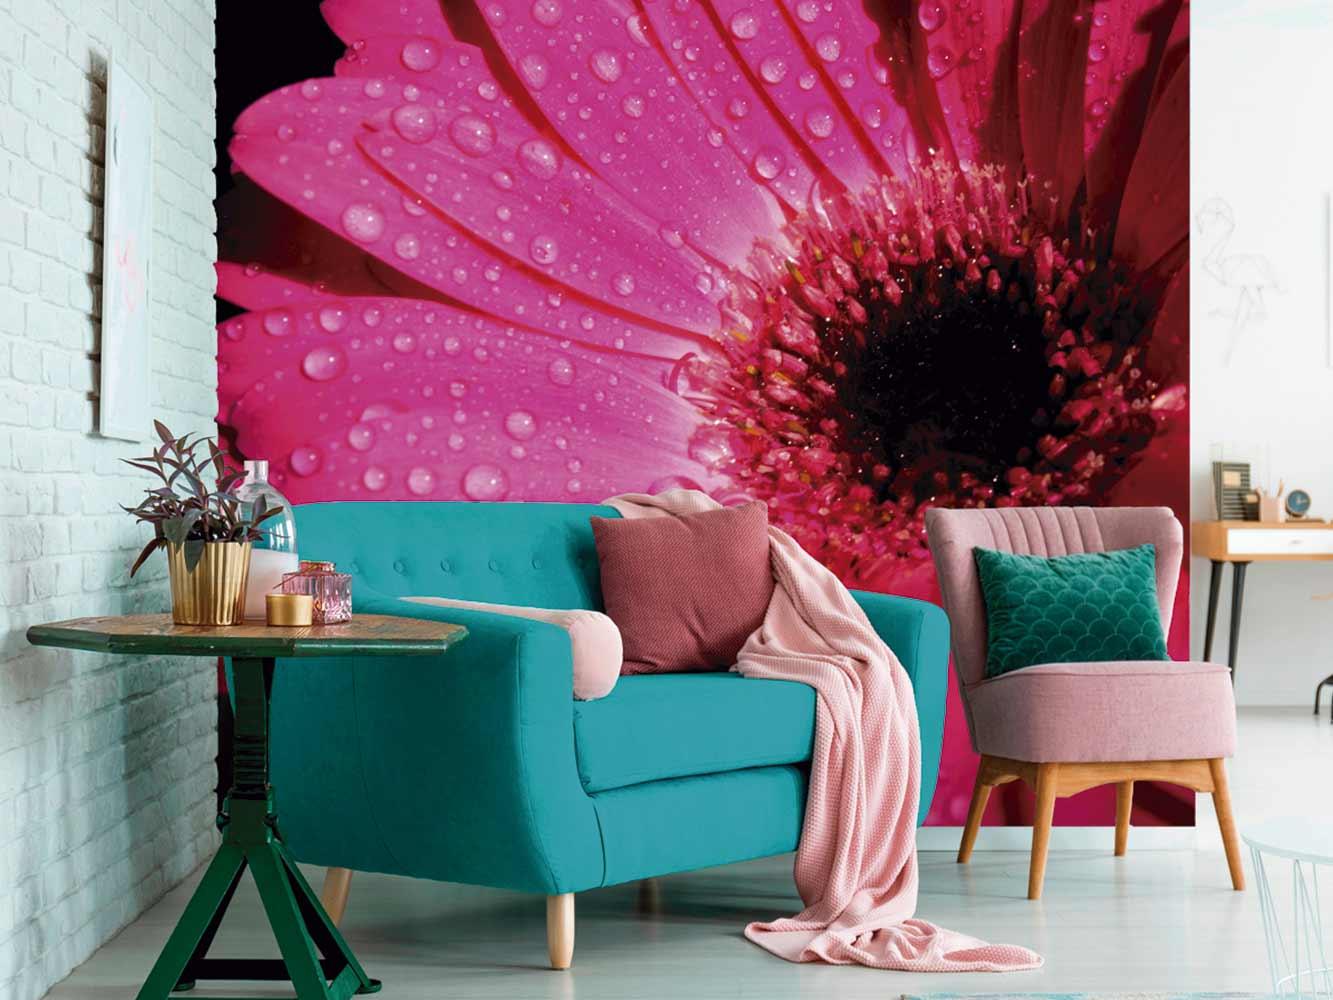 Fotomural Vinilo Floral Frescor Rosa | Carteles XXL - Impresión carteleria publicitaria